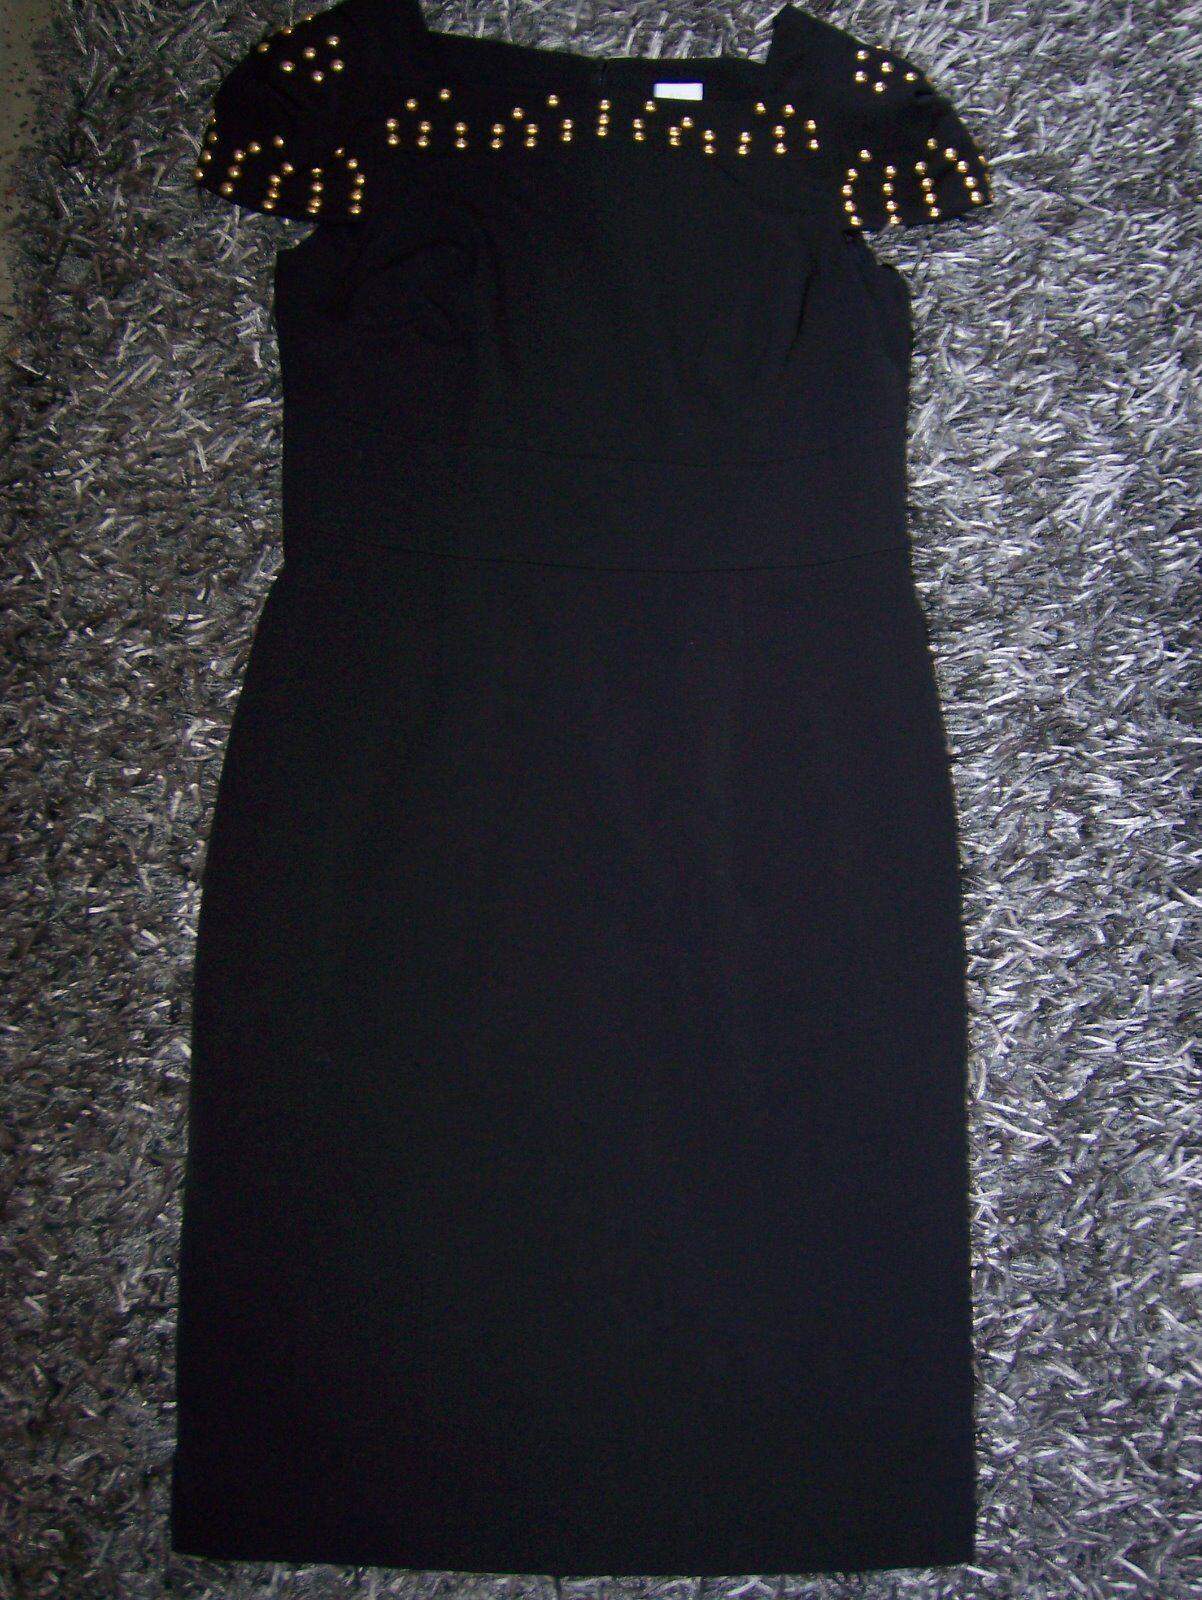 Alba Moda, Größe 38, schwarz, neuw.